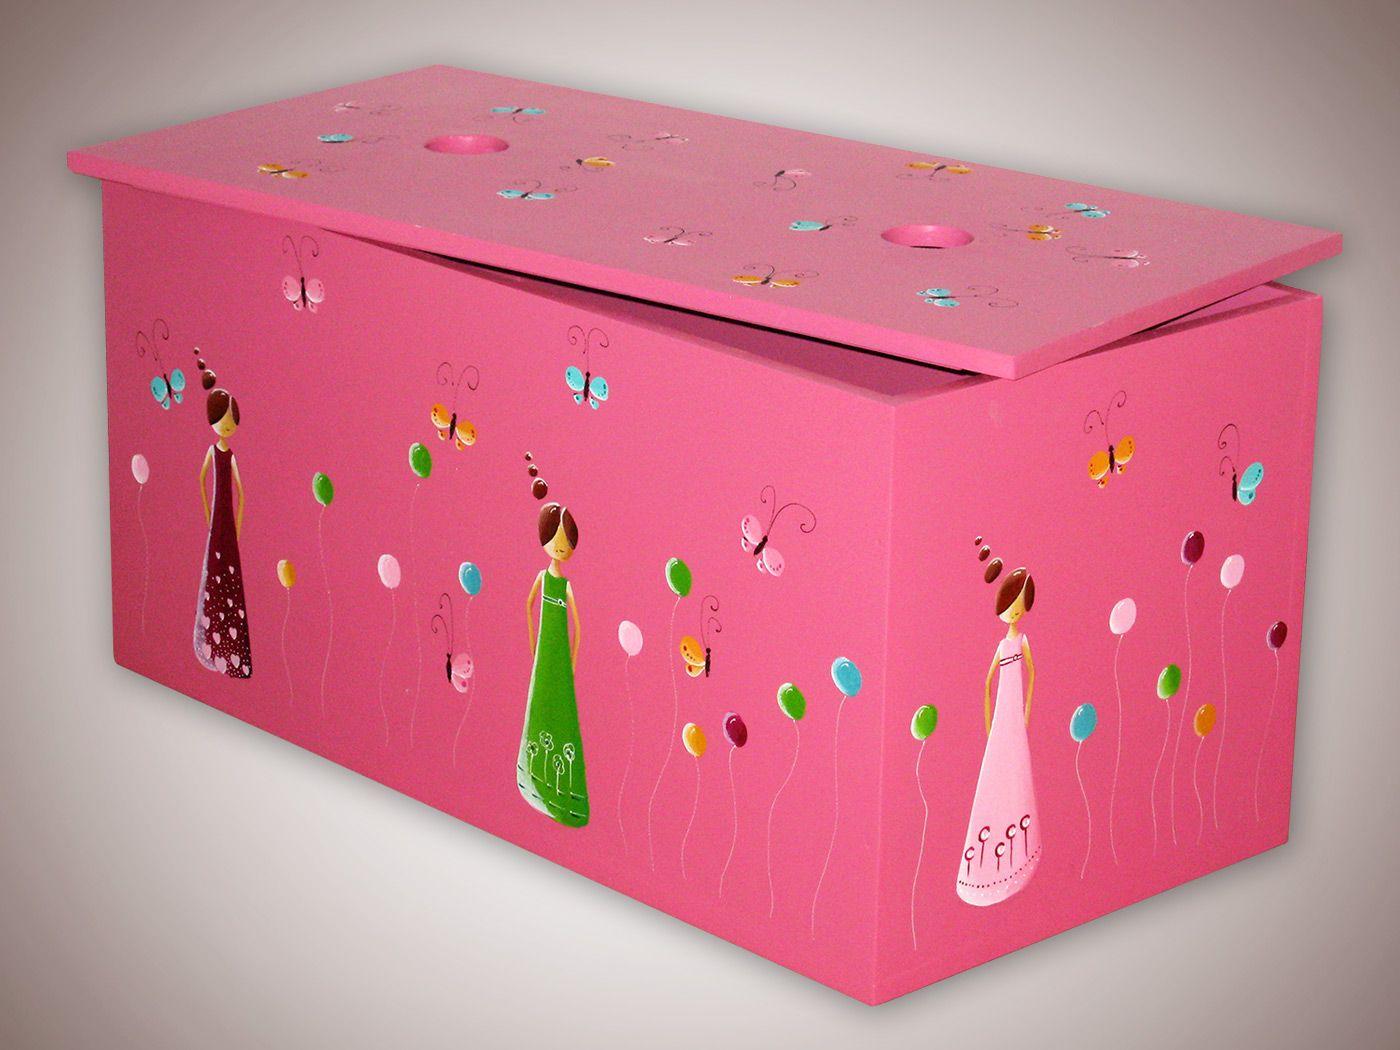 Lesena skrinja za igrače, Majin atelje